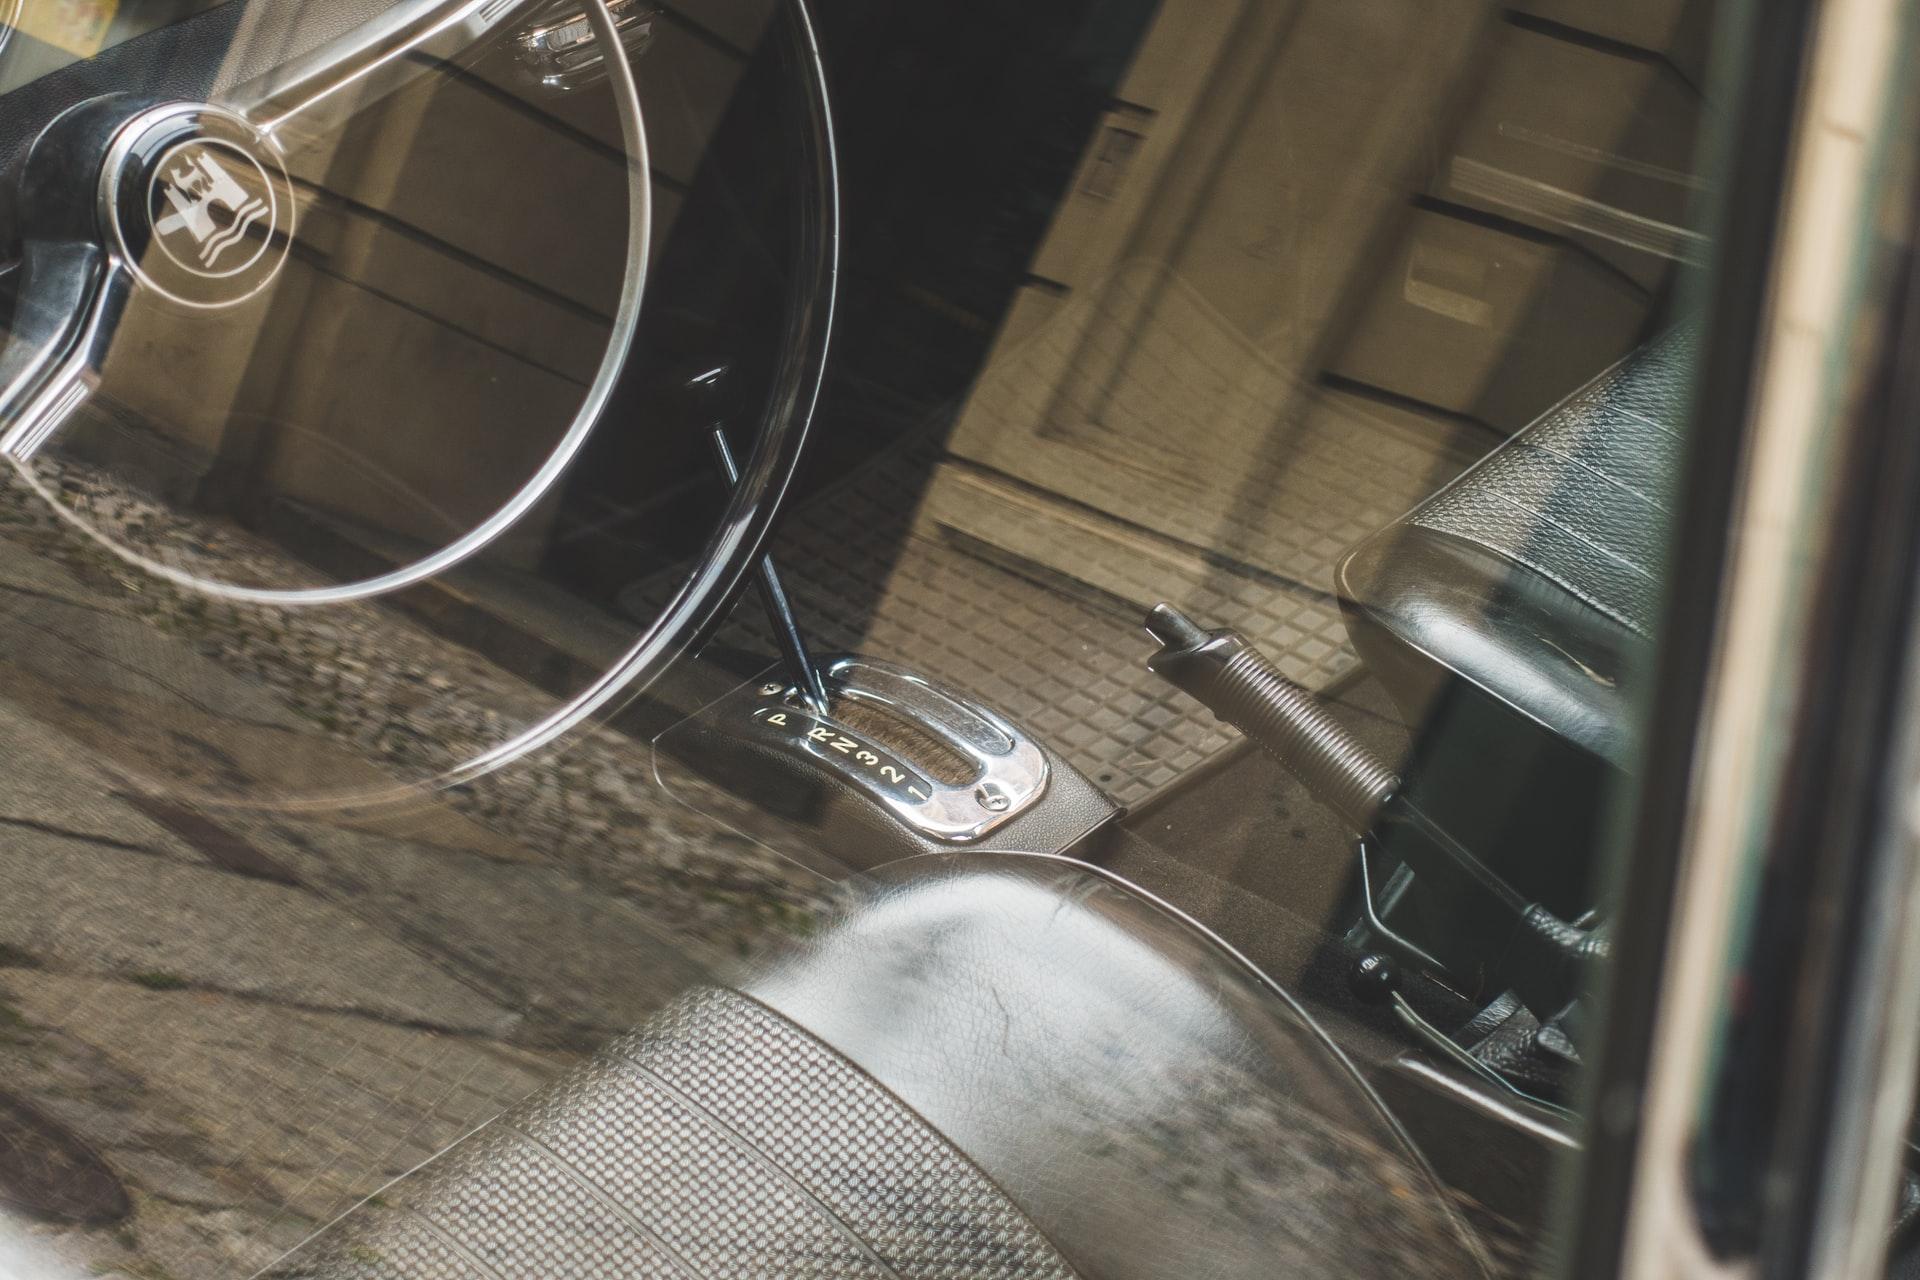 Жило за ръчна спирачка – важен компонент при паркинг спирачката на автомобила